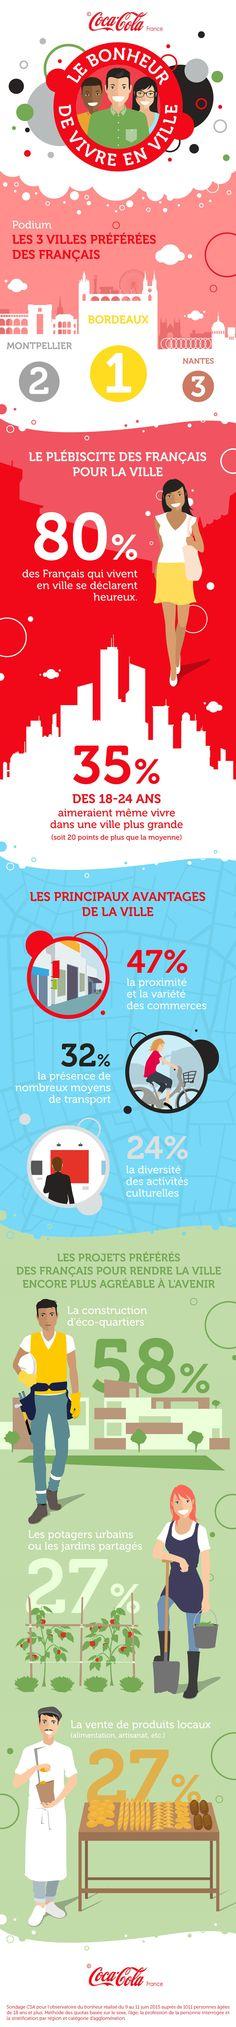 INFOGRAPHIE : LES FRANÇAIS PLÉBISCITENT LA VIE EN VILLE   Coca-Cola France   @cocacolafr